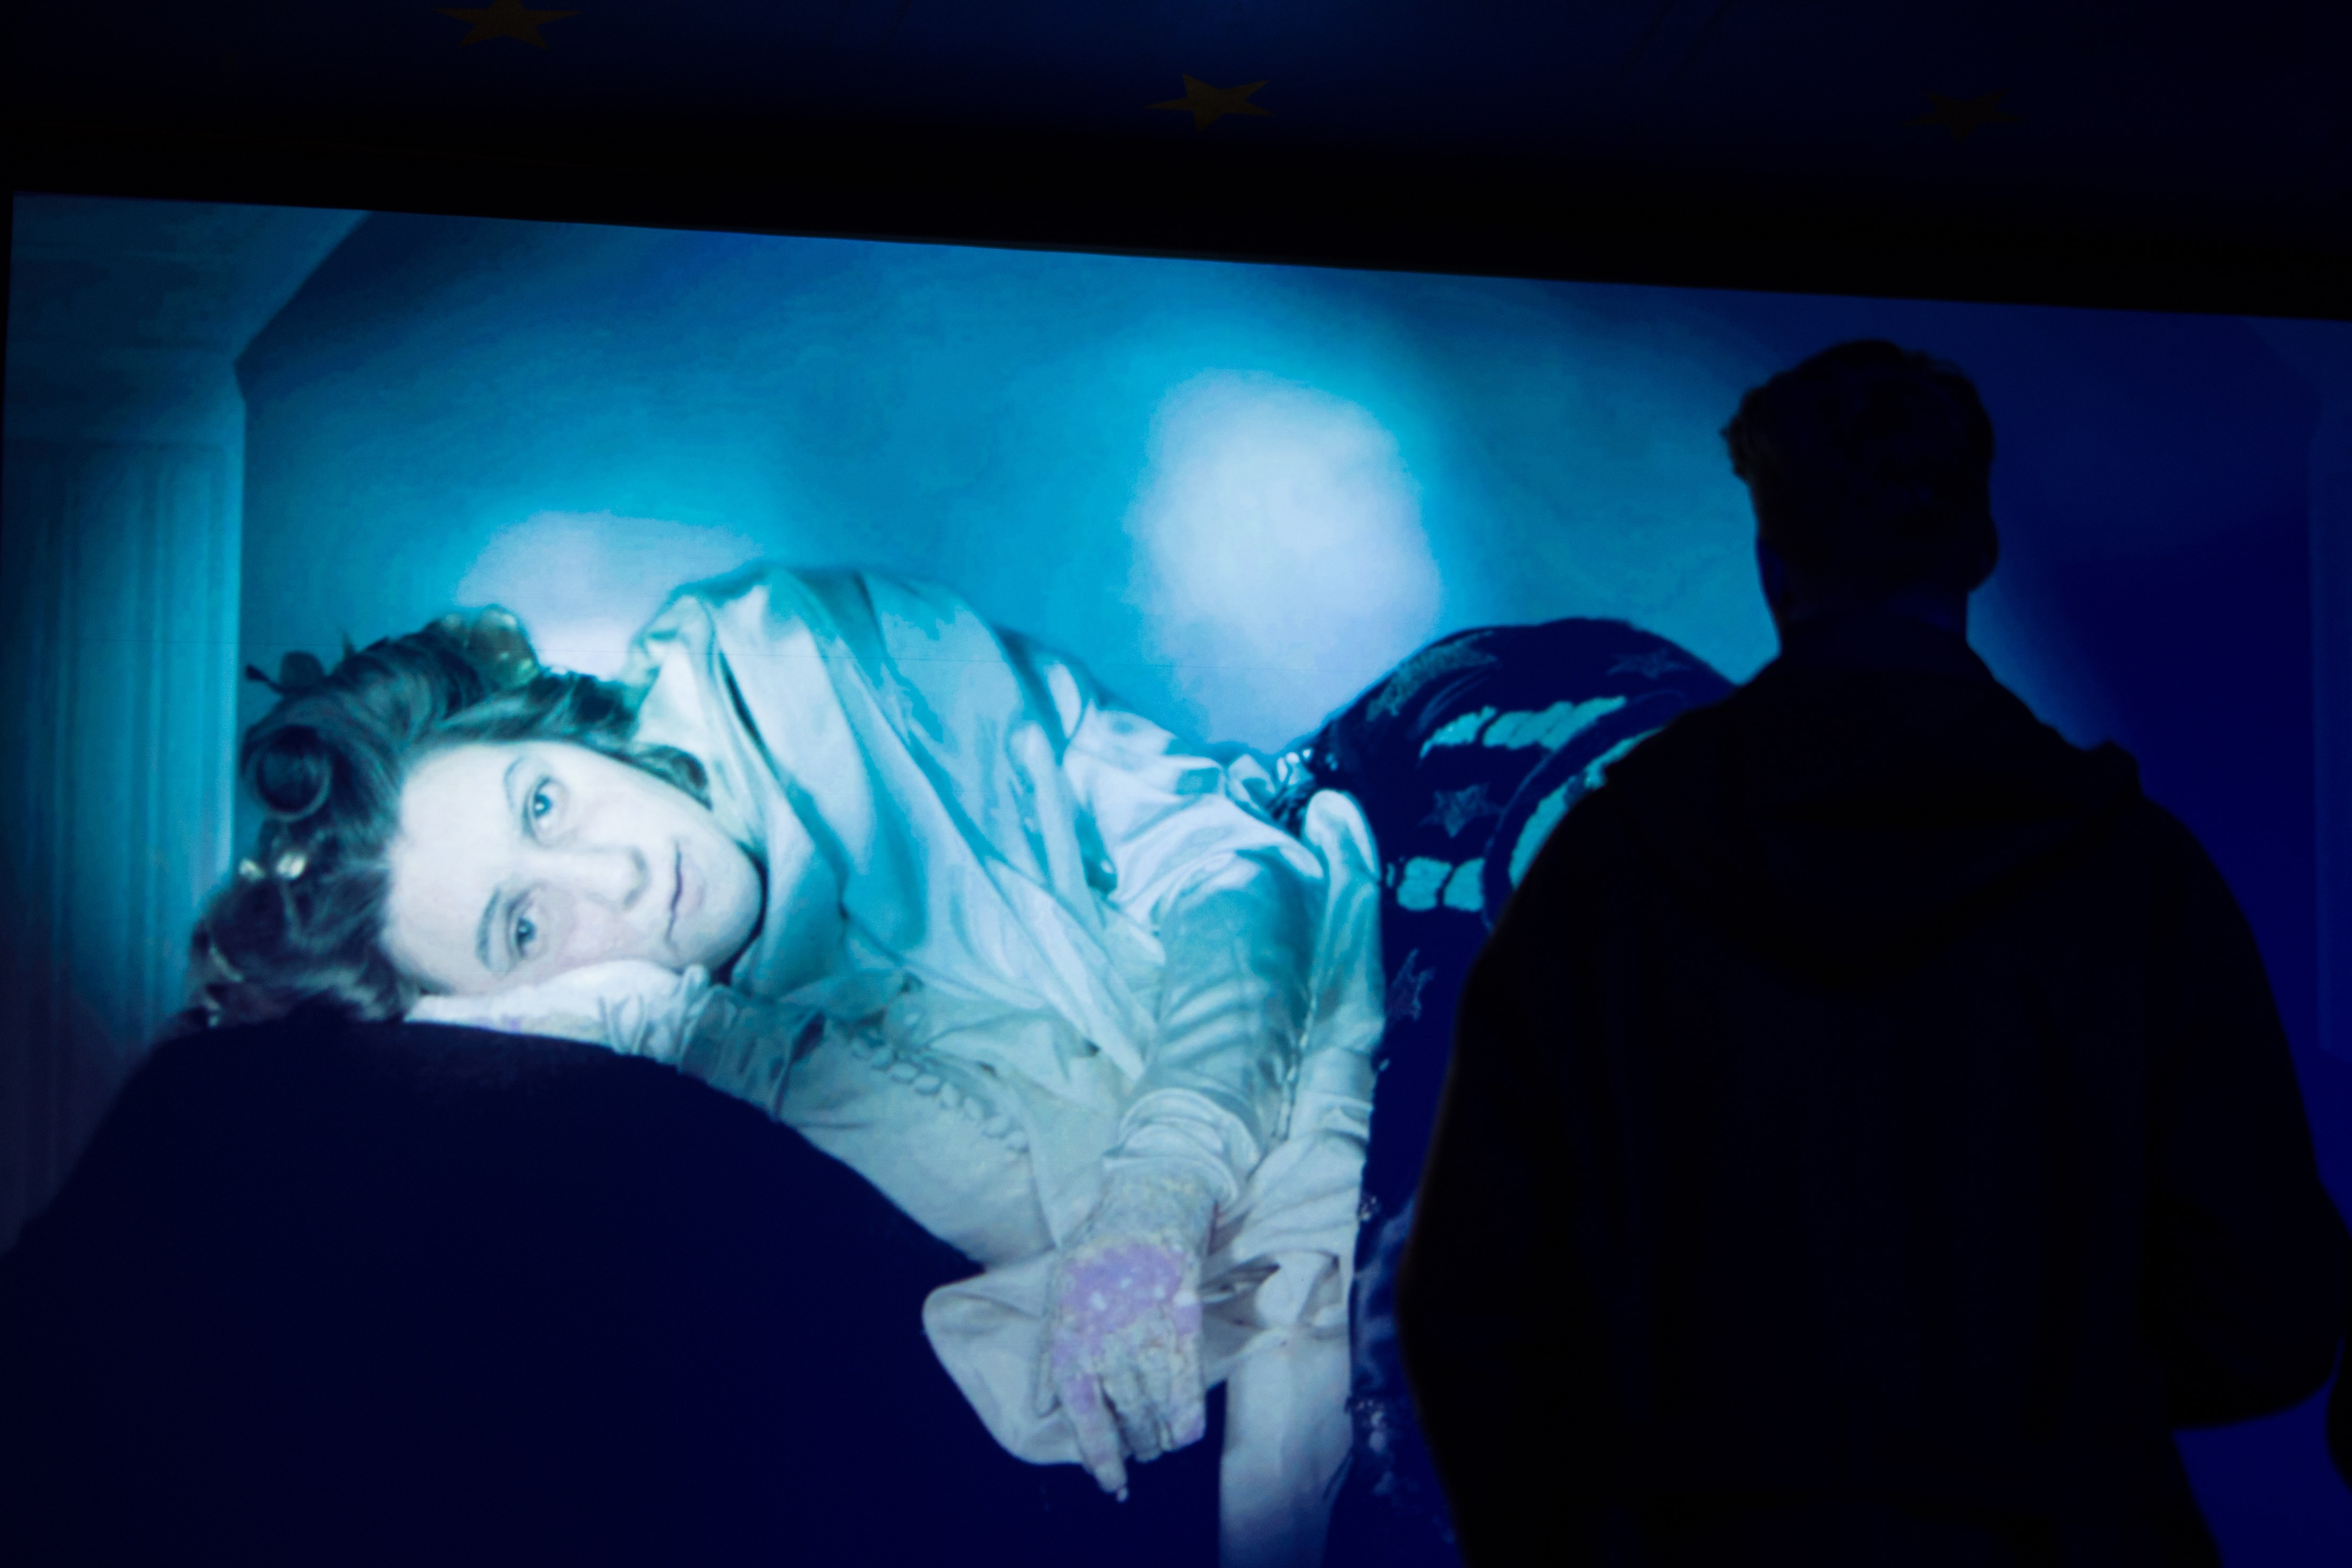 En av bildene fra utstillingen med mørke skygger foran